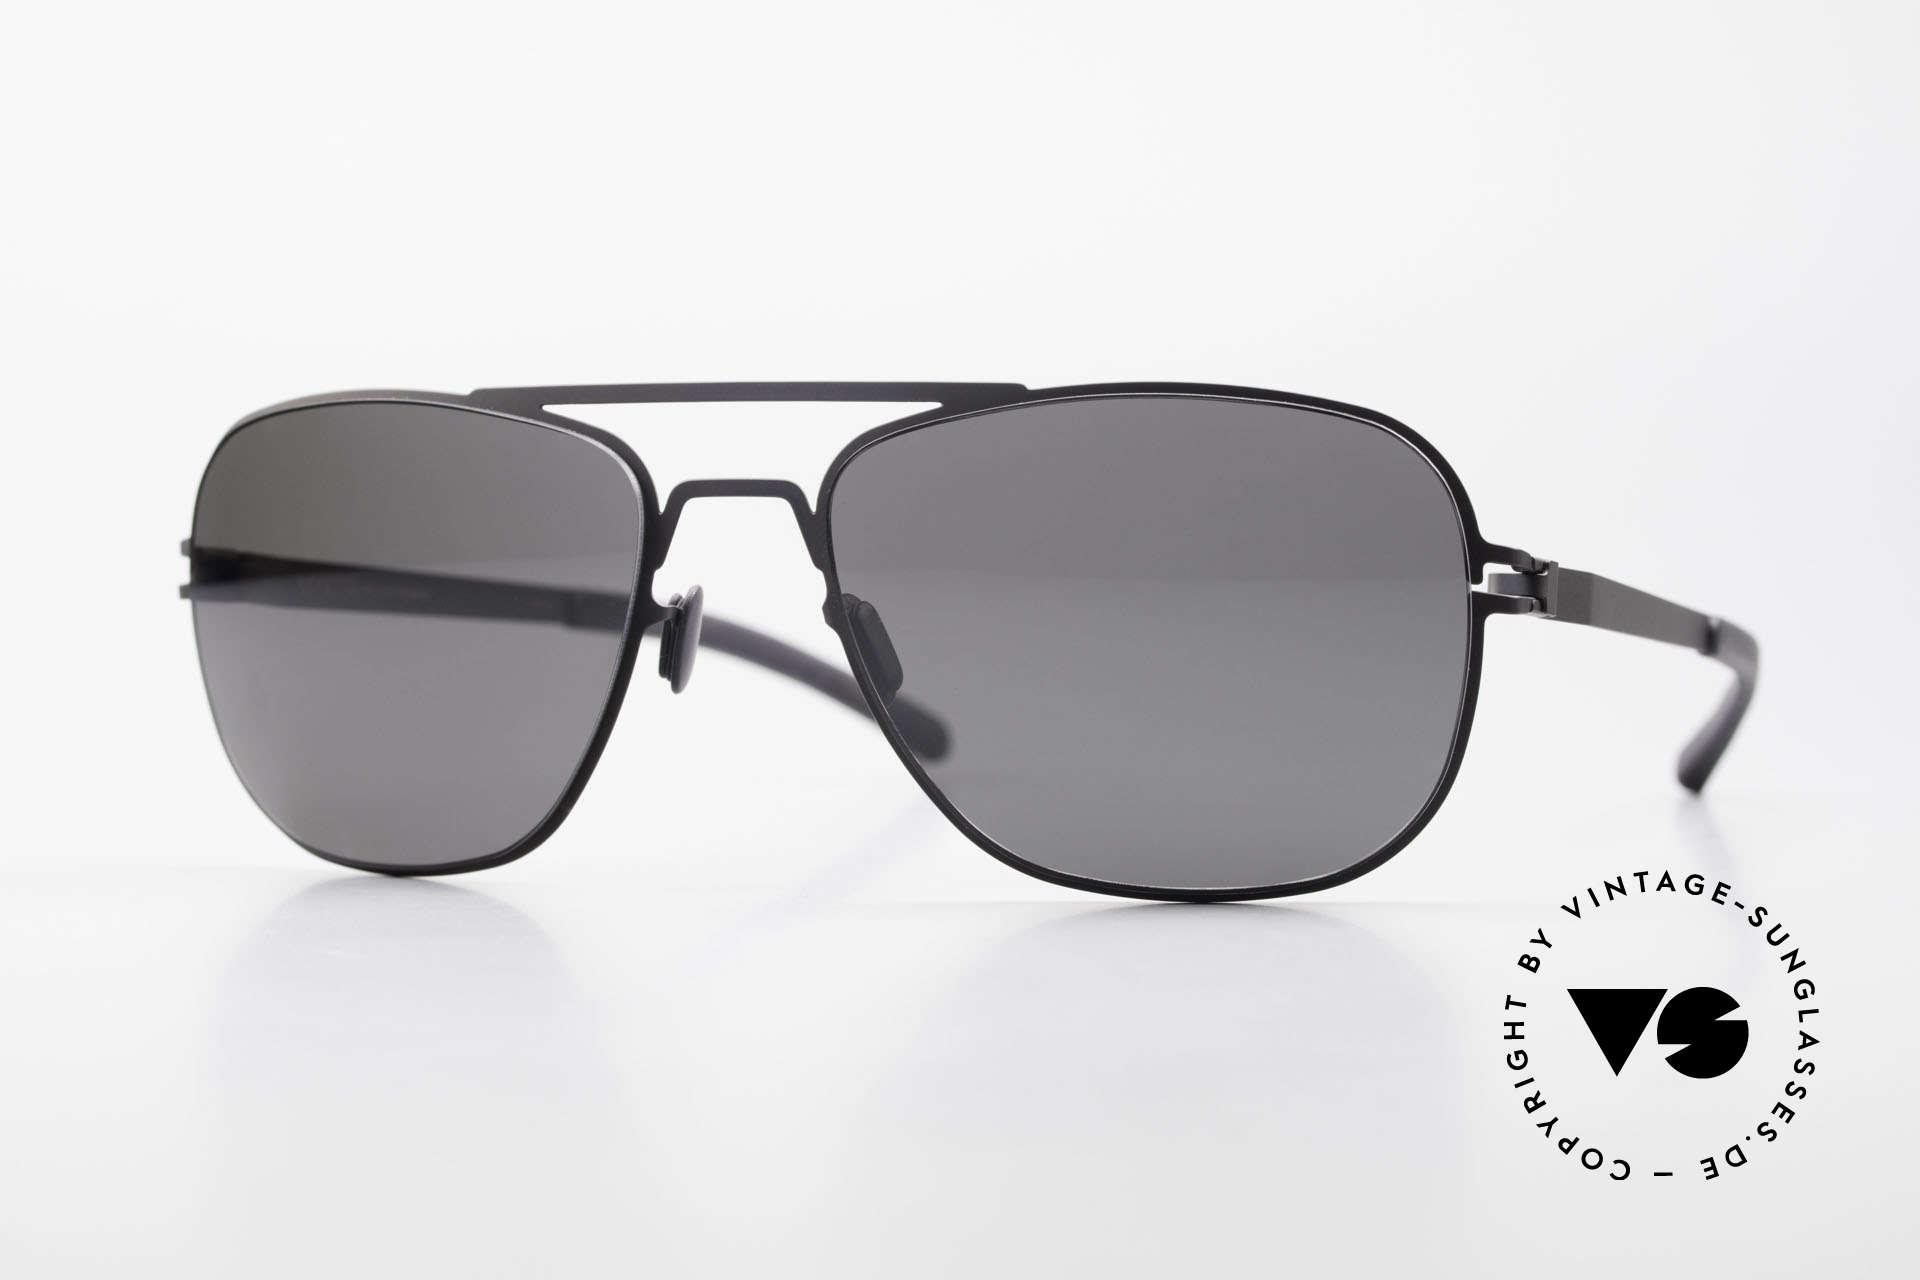 Mykita Howard Polarisierende Sonnenbrille, original VINTAGE Mykita Unisex-Sonnenbrille von 2007, Passend für Herren und Damen